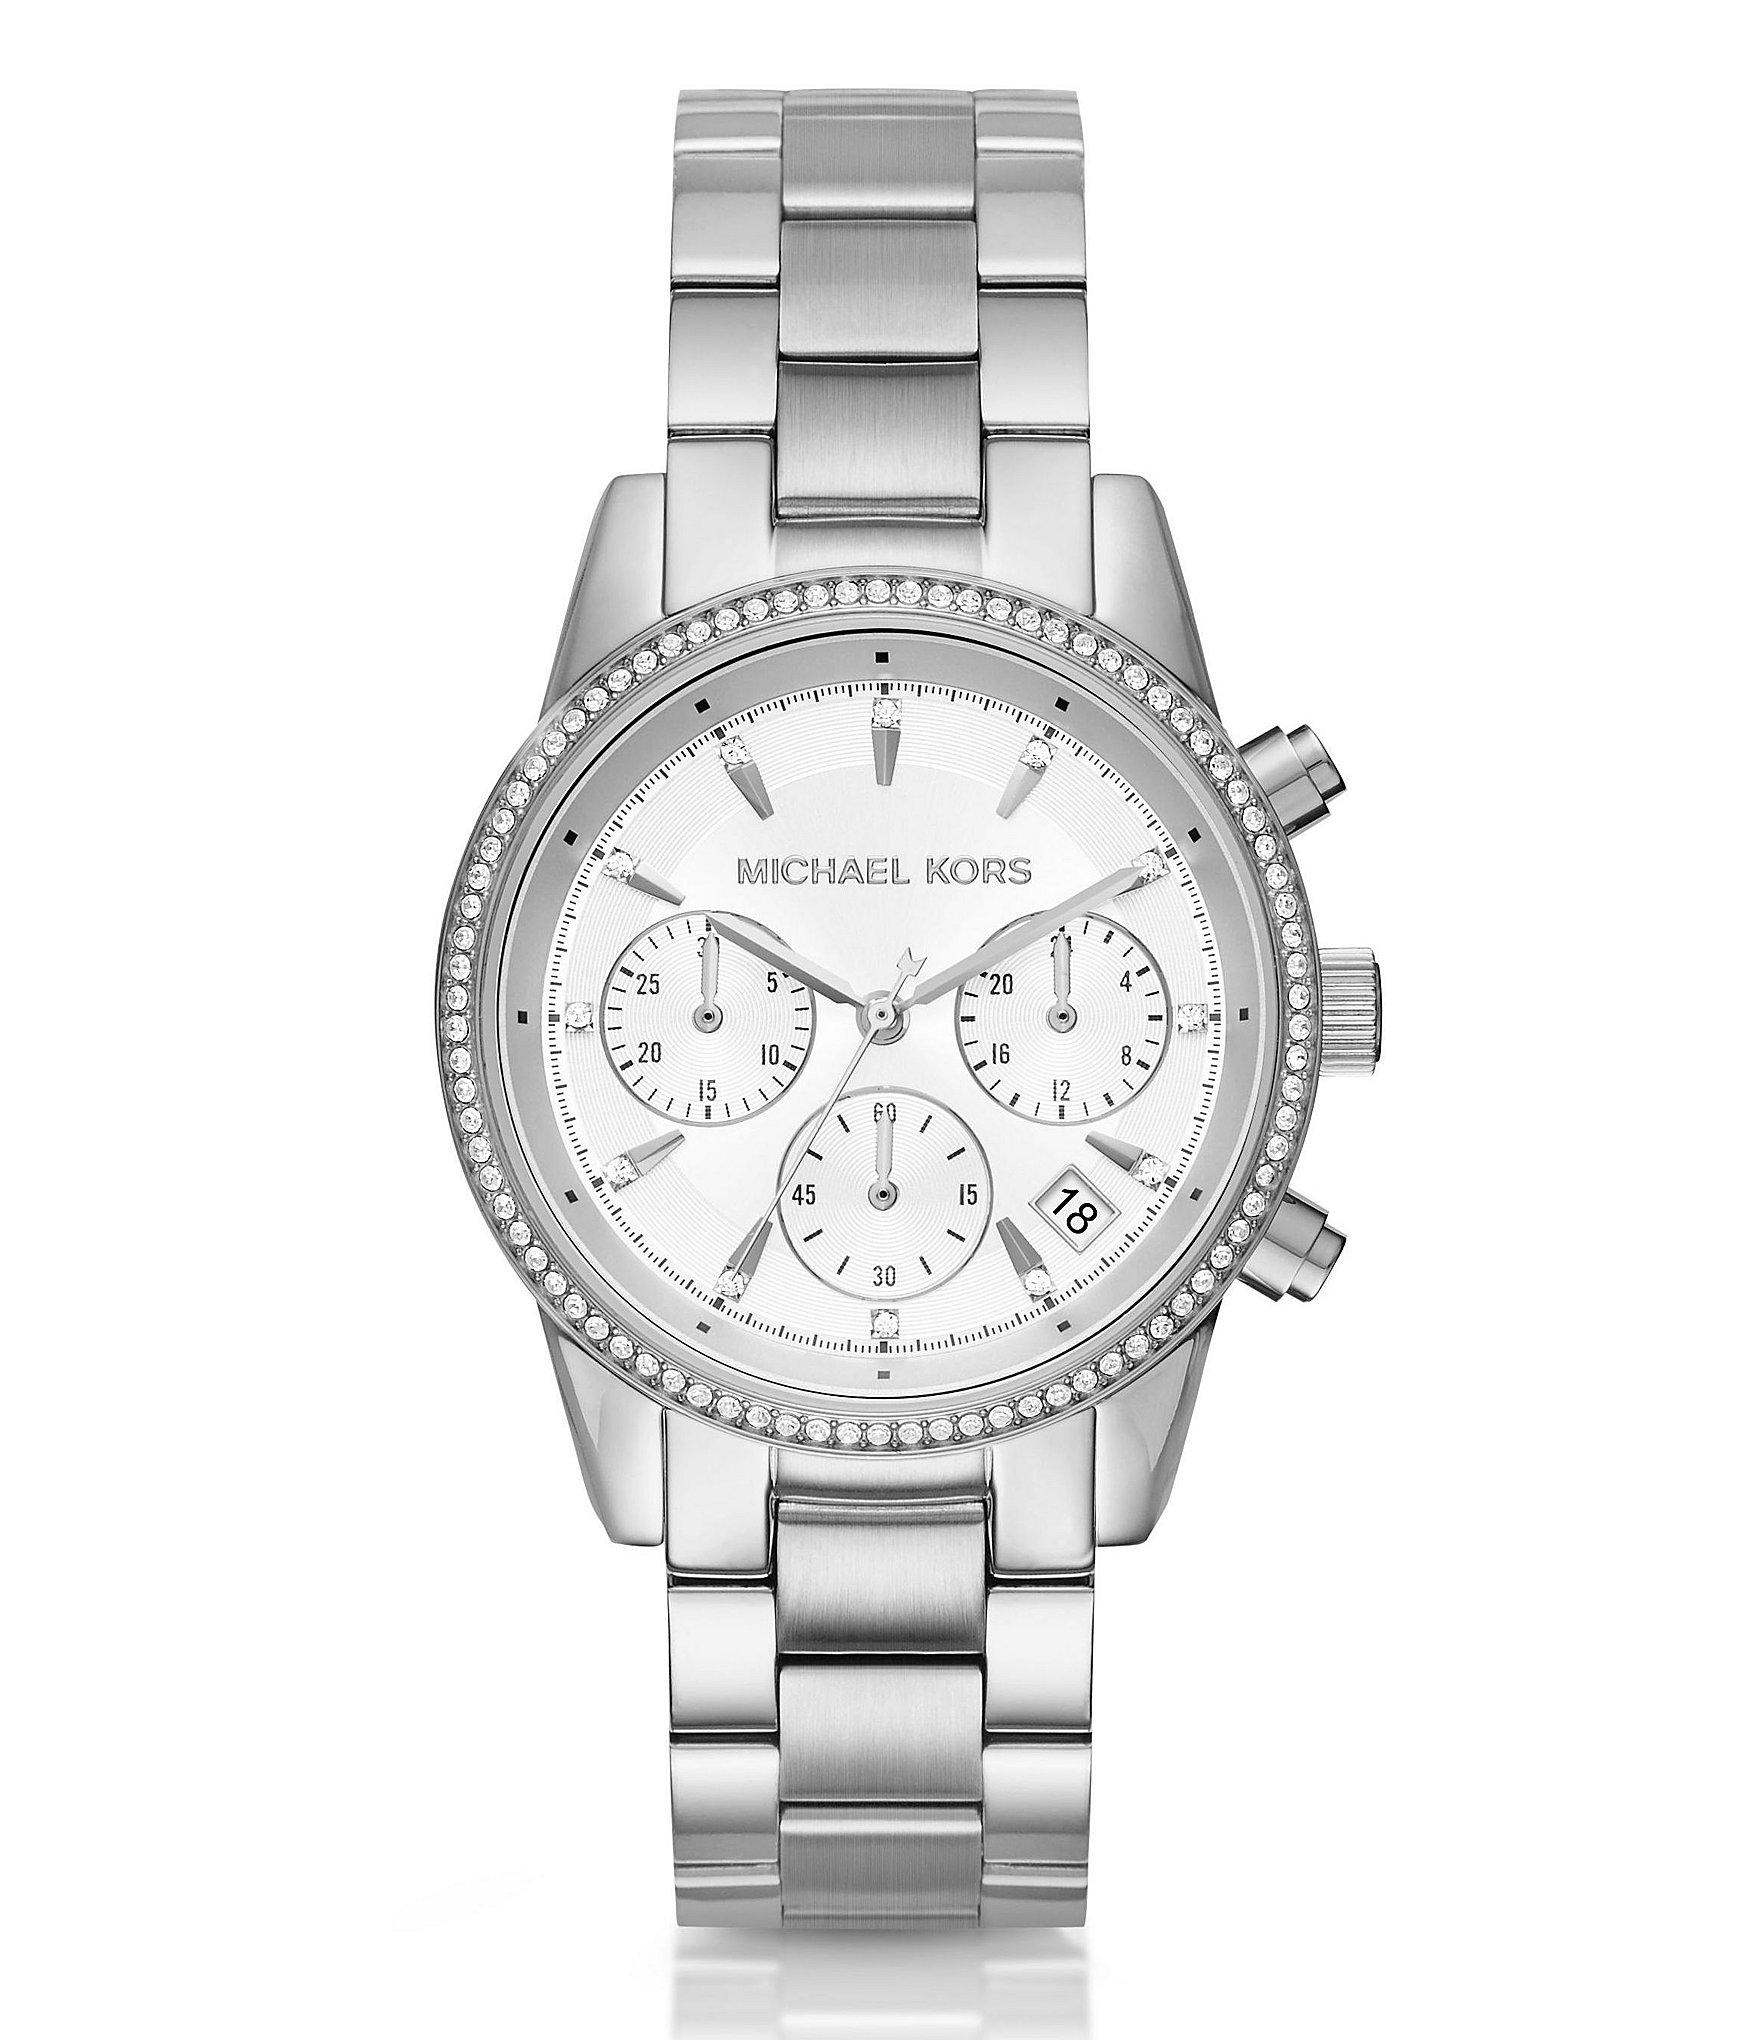 Michael Kors Silver Watches for Men & Women | Dillards